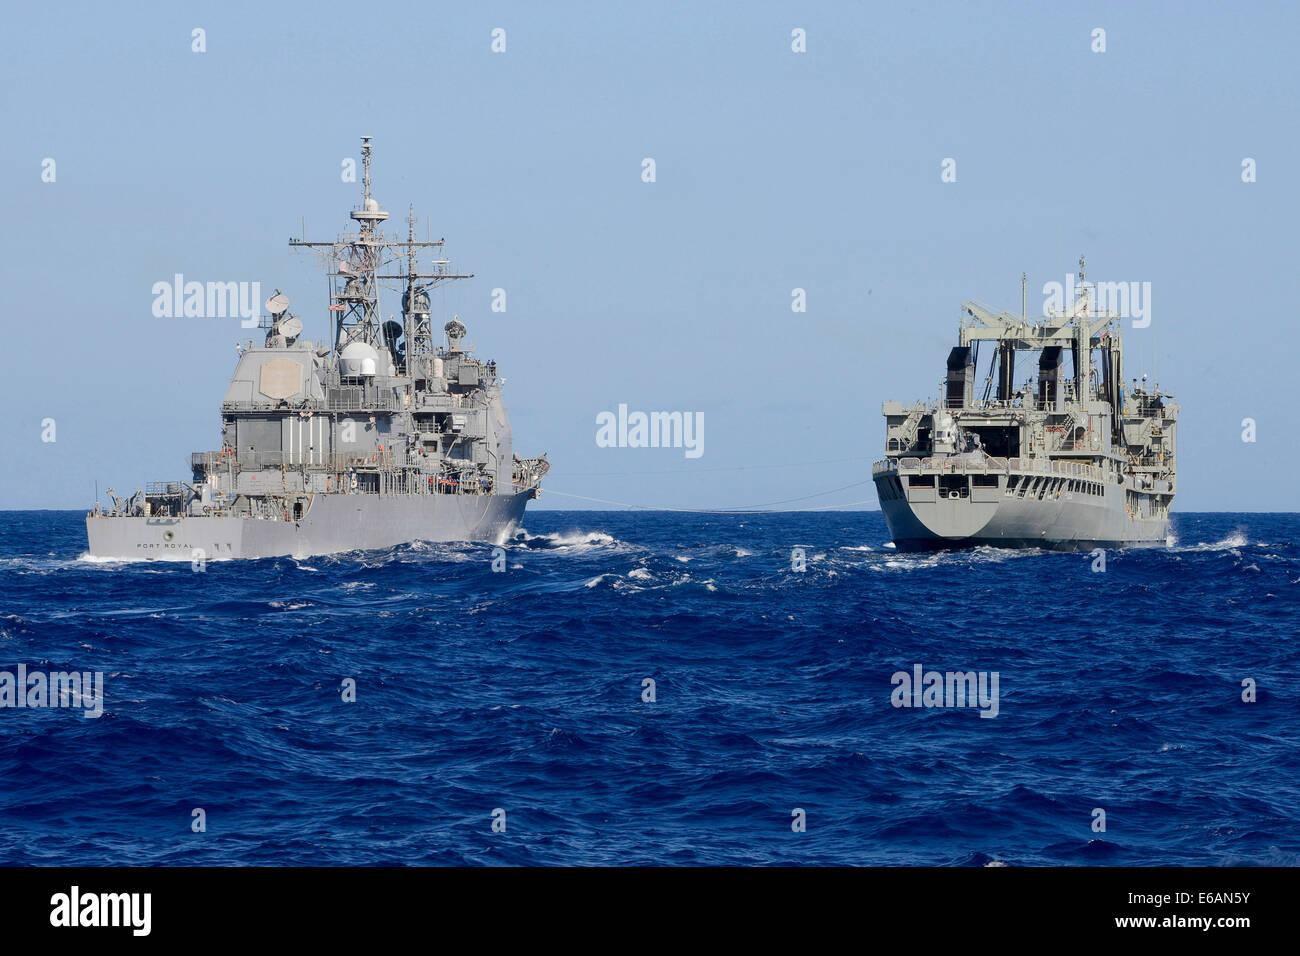 El crucero de misiles guiados USS Port Royal (CG 73), a la izquierda, se prepara para repostar en el mar con la Real Marina australiana HMAS lubricador de reaprovisionamiento multiproducto éxito (o 304) durante el borde del Pacífico (Rimpac 2014) en el Océano Pacífico el 19 de julio de 2014. RIMPAC es Foto de stock